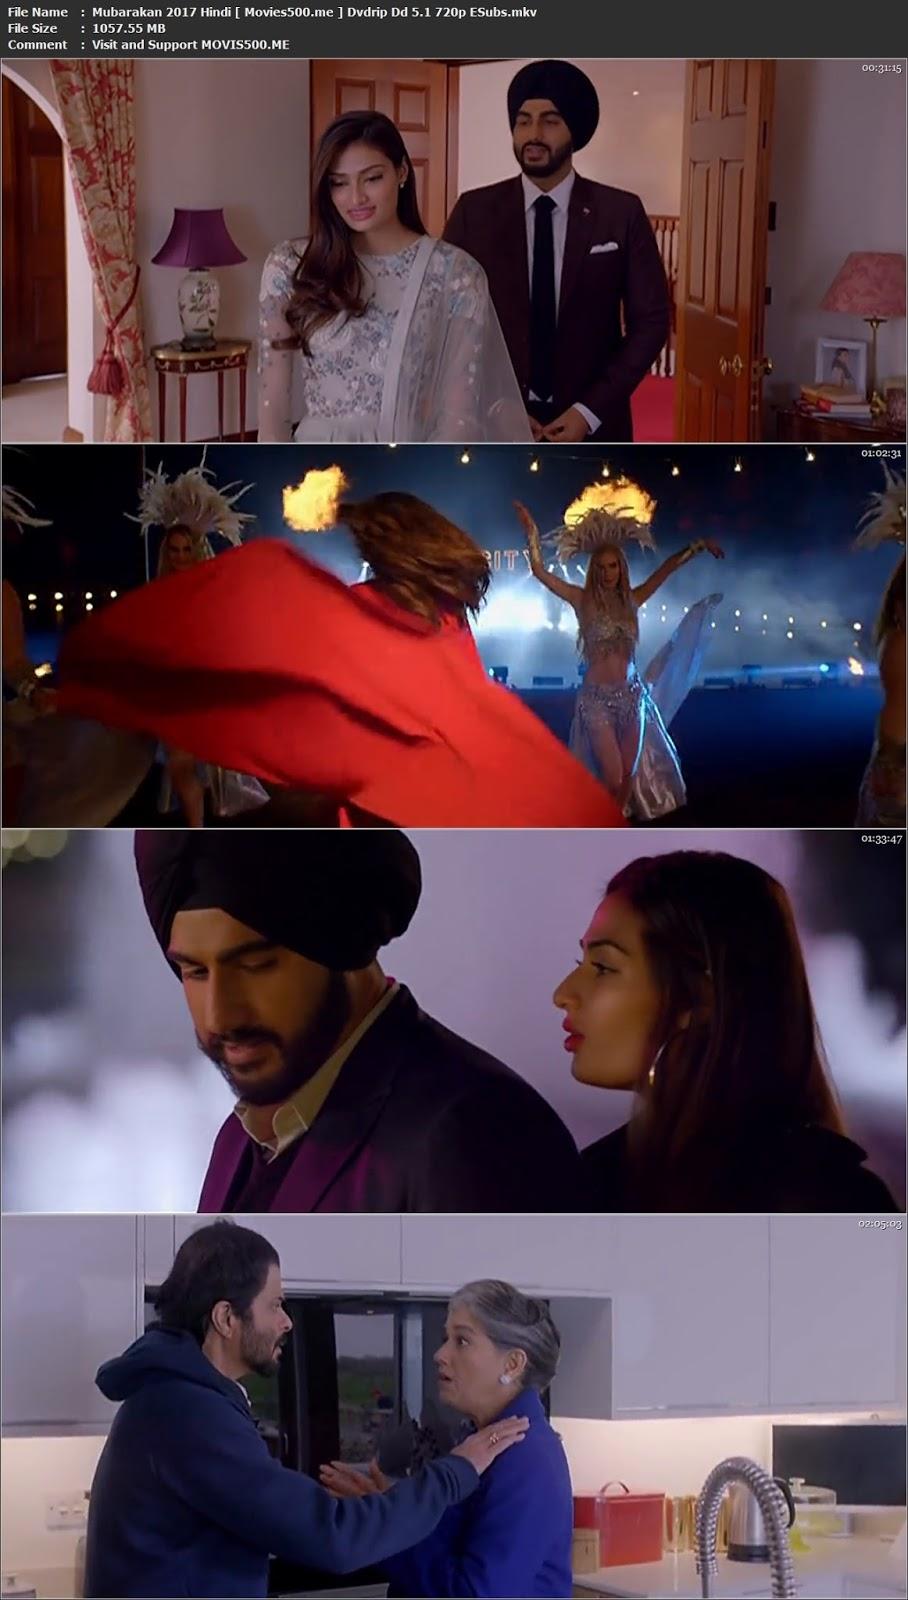 Mubarakan 2017 Full Hindi Movie DVDRip 720p 1GB